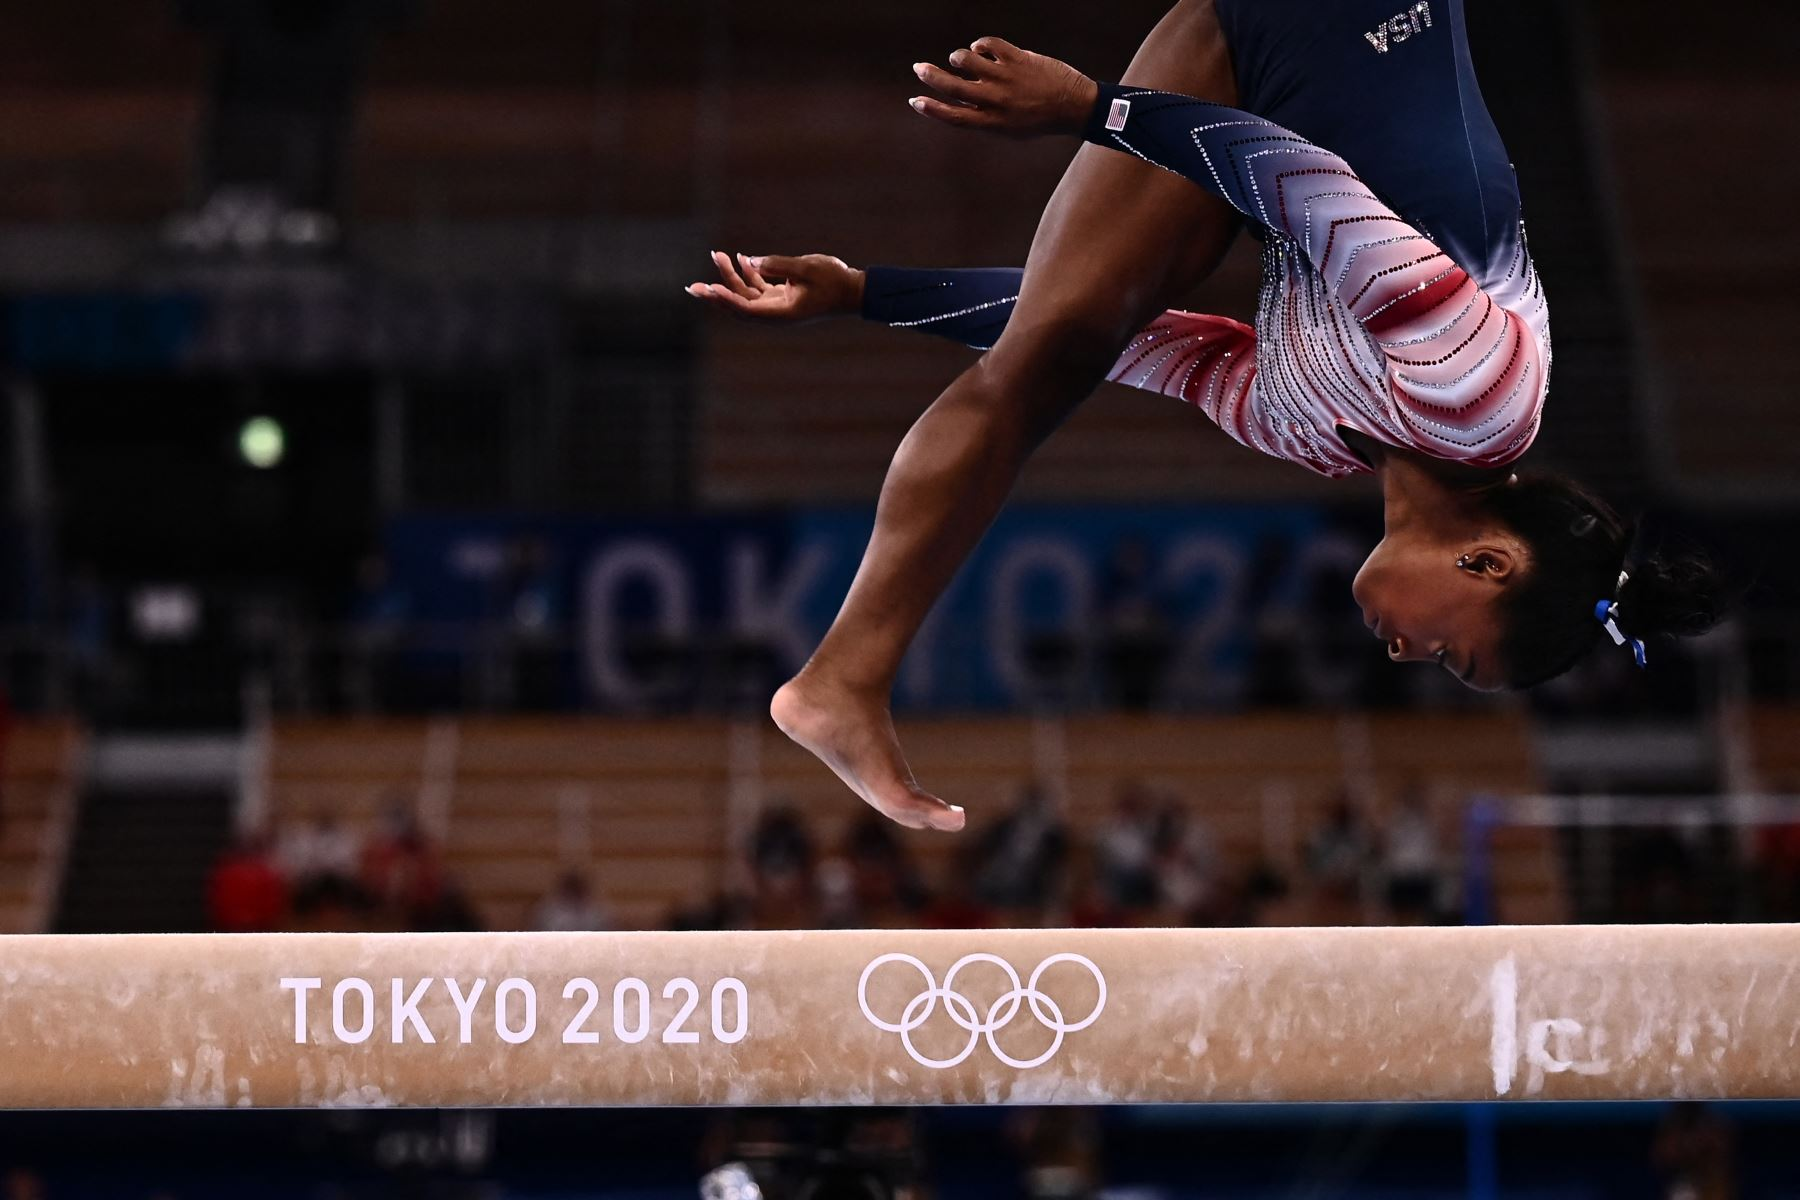 Simone Biles de EE. UU. Compite en la final de viga de equilibrio femenina de gimnasia artística de los Juegos Olímpicos de Tokio 2020.  Foto: AFP